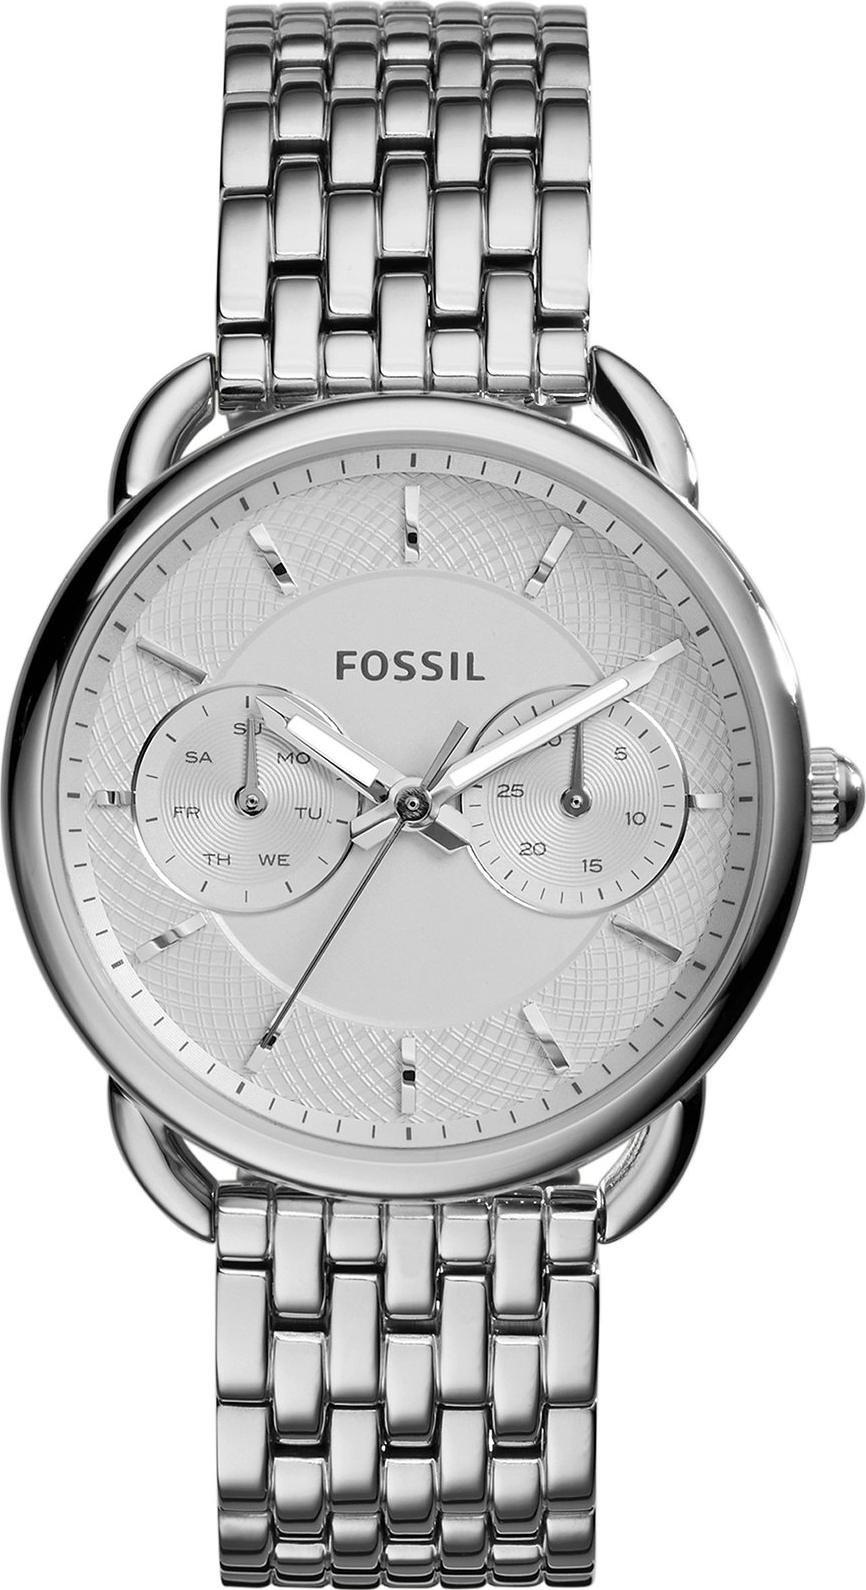 Fossil ES 3712 od 2 650 Kč • Zboží.cz 684f1074a6a